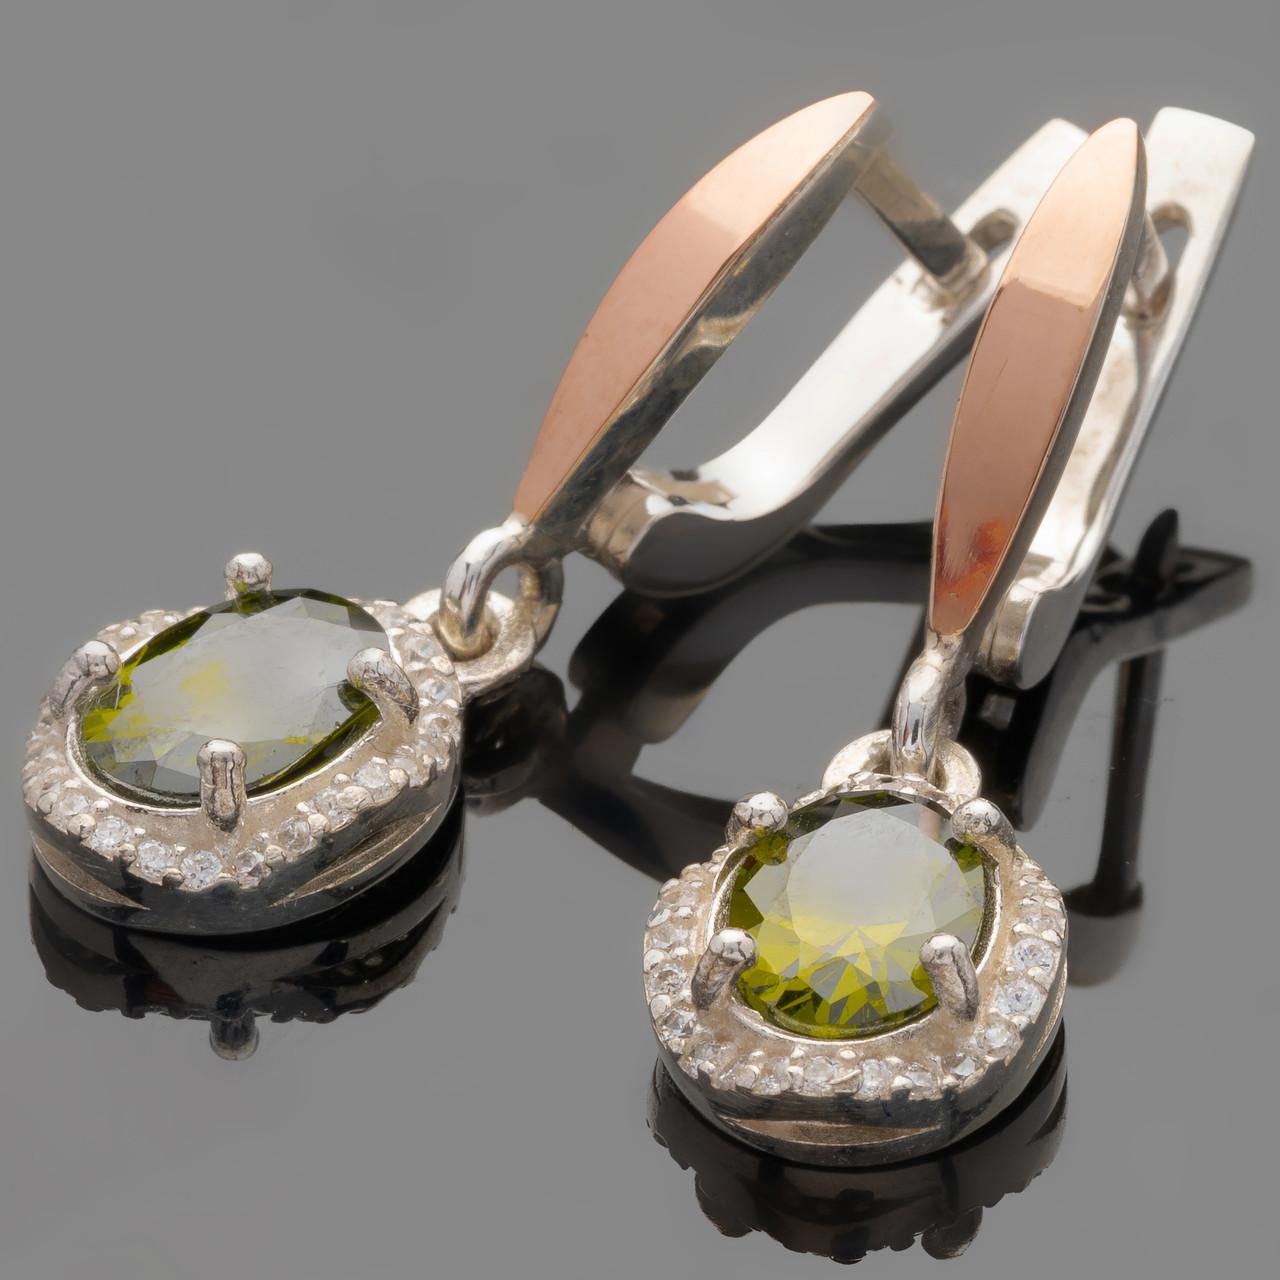 Серебряные серьги 925 пробы с золотыми вставками арт. 450с